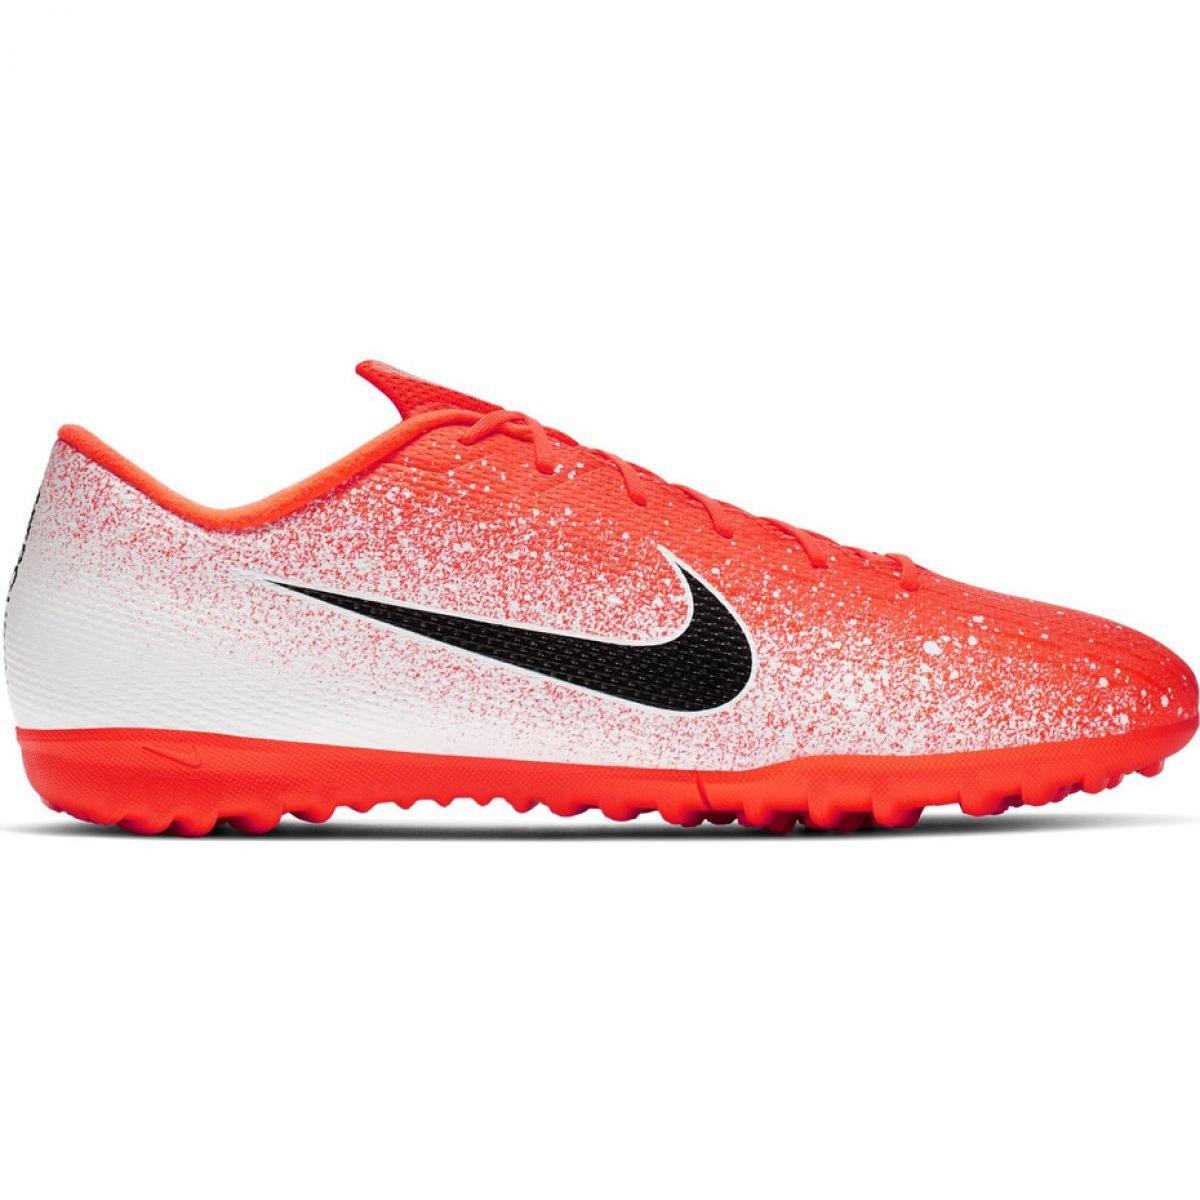 Botas de fútbol Nike Mercurial Vapor X 12 Academy Tf M AH7384 801 blanco naranja blanco